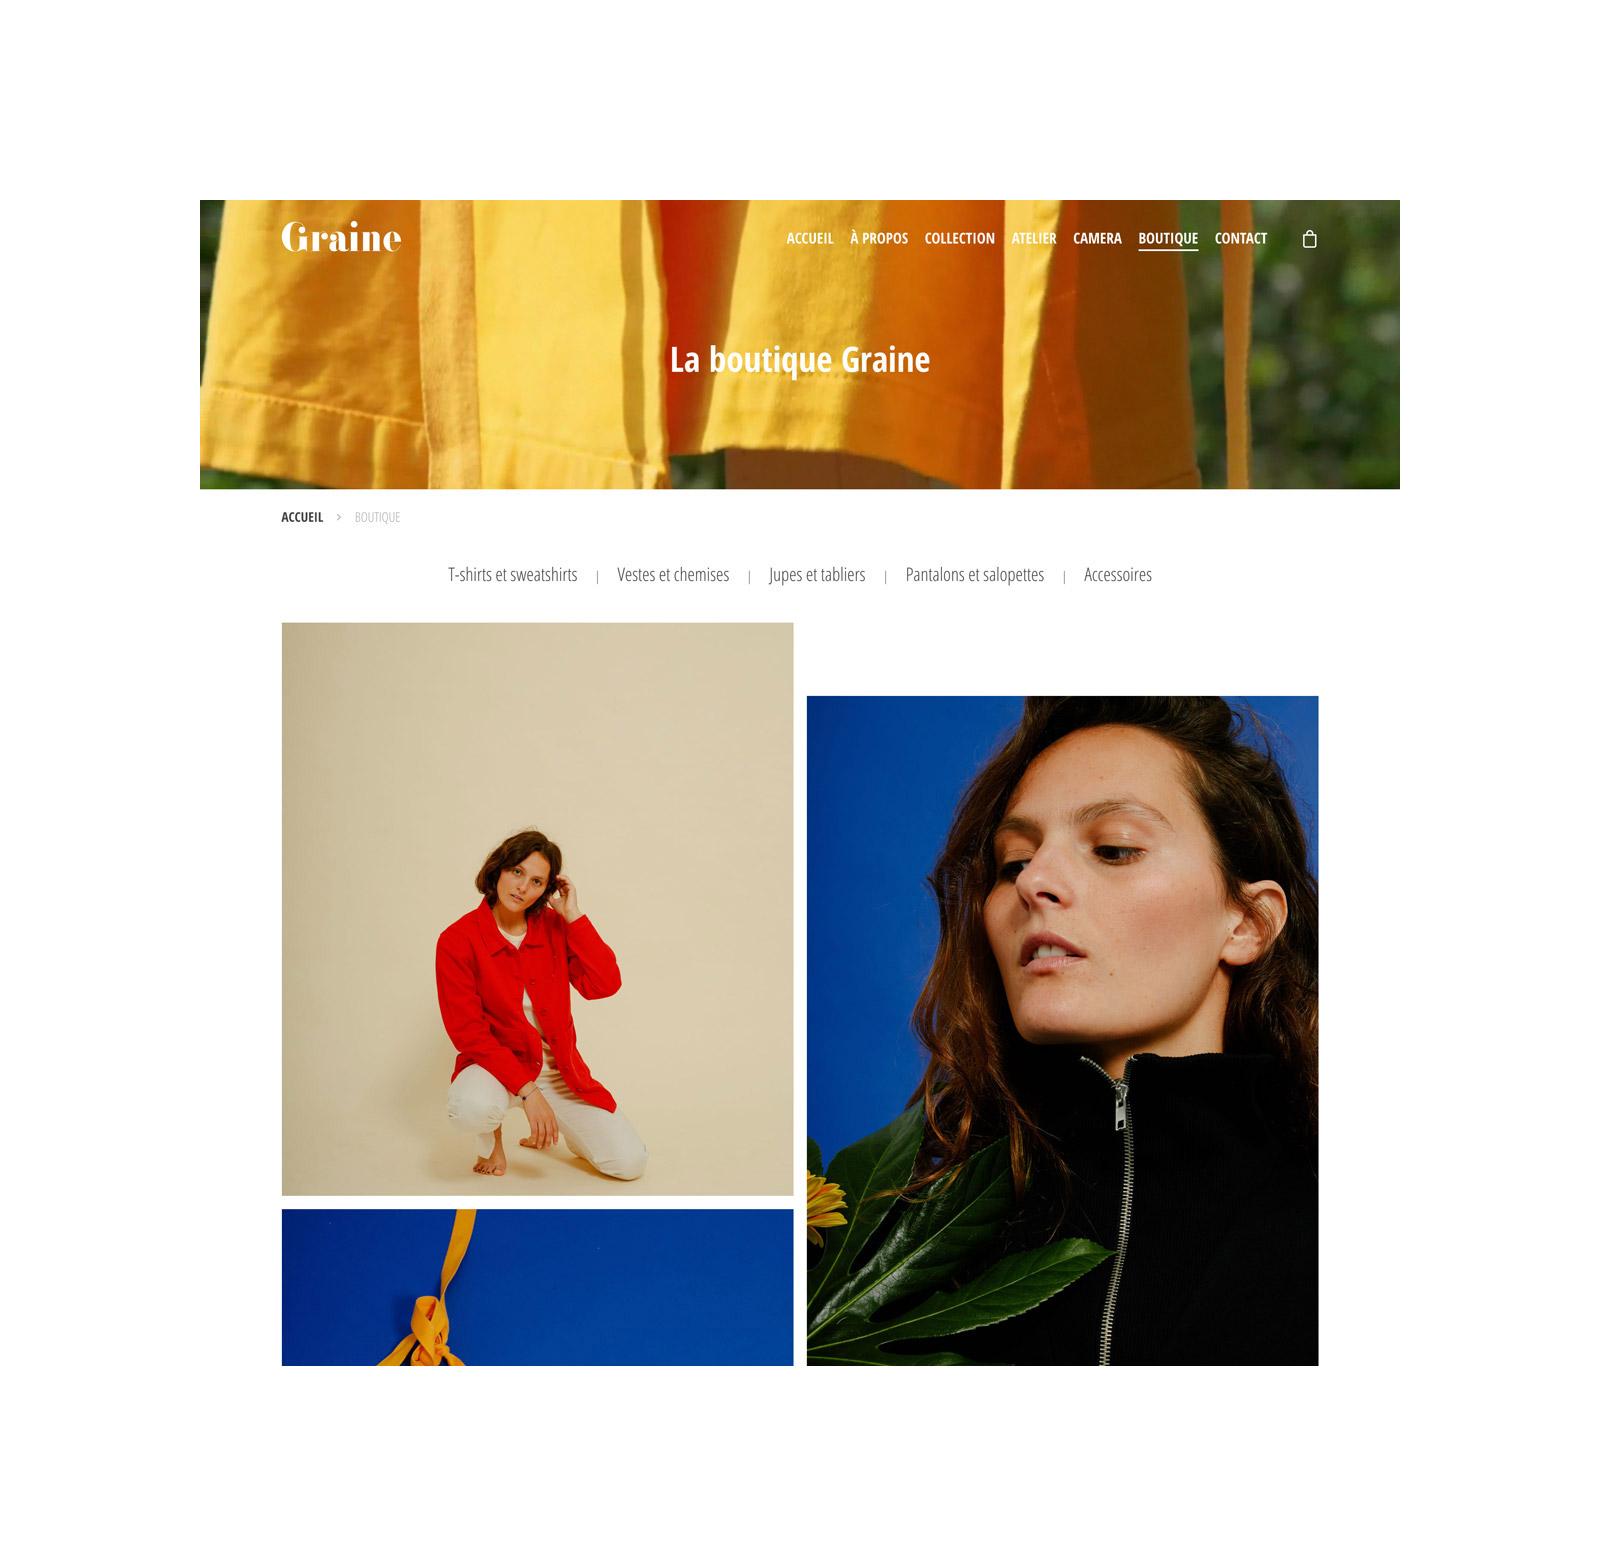 Jean Le Roy - Développeur web et consultant social medias à Biarritz - Graine Clothing - Page boutique